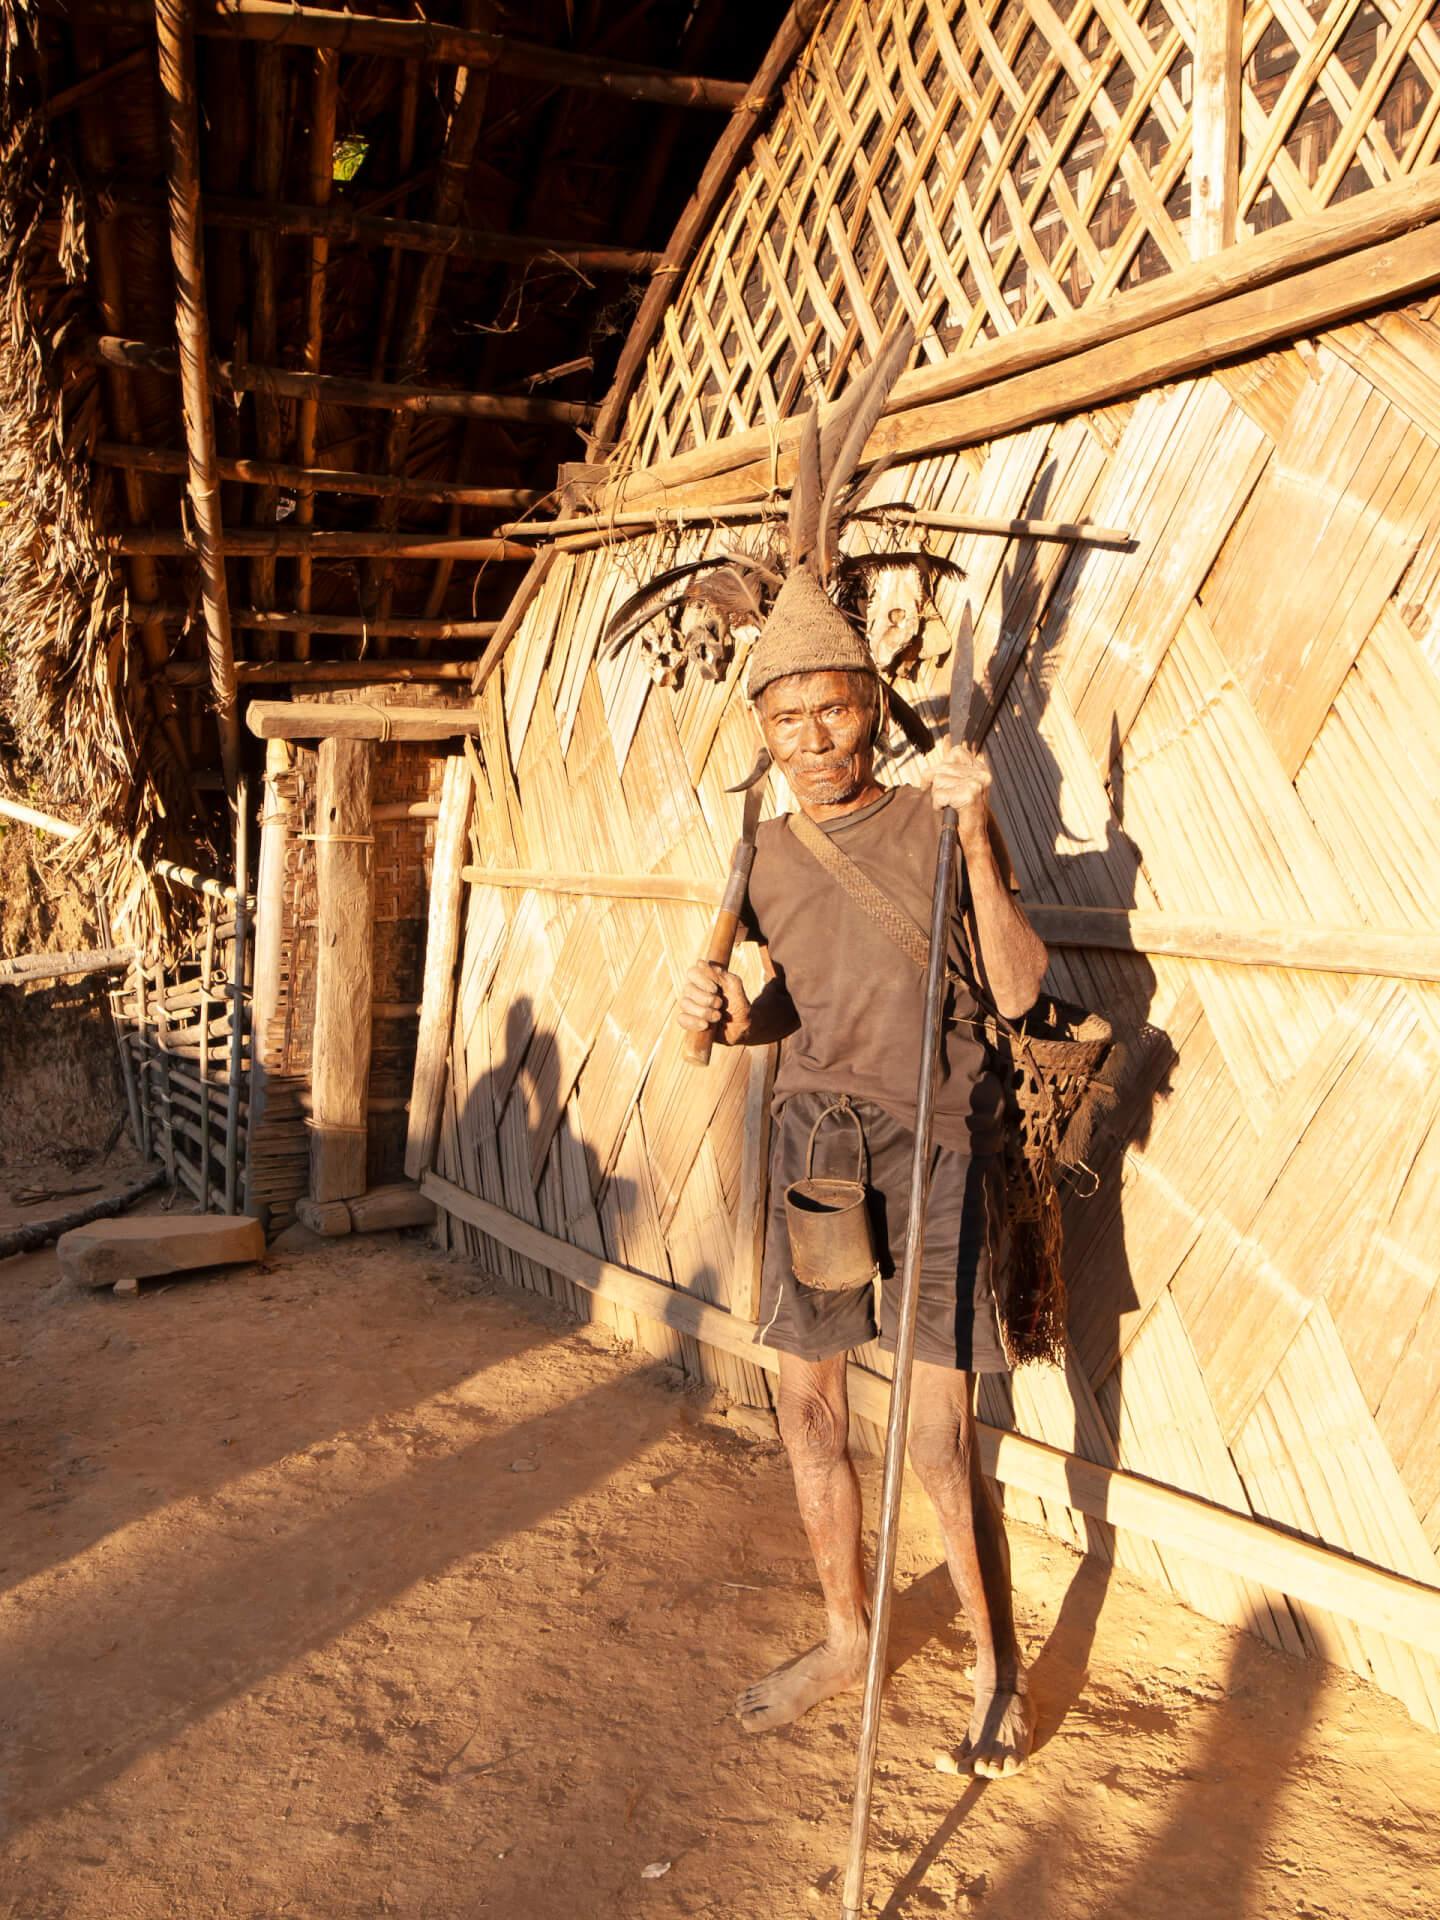 ミャンマーの文化とともに —— コムアイ、オオルタイチ、井口寛が語る音を通じた繋がり interview210917_staywithmyanmar_18